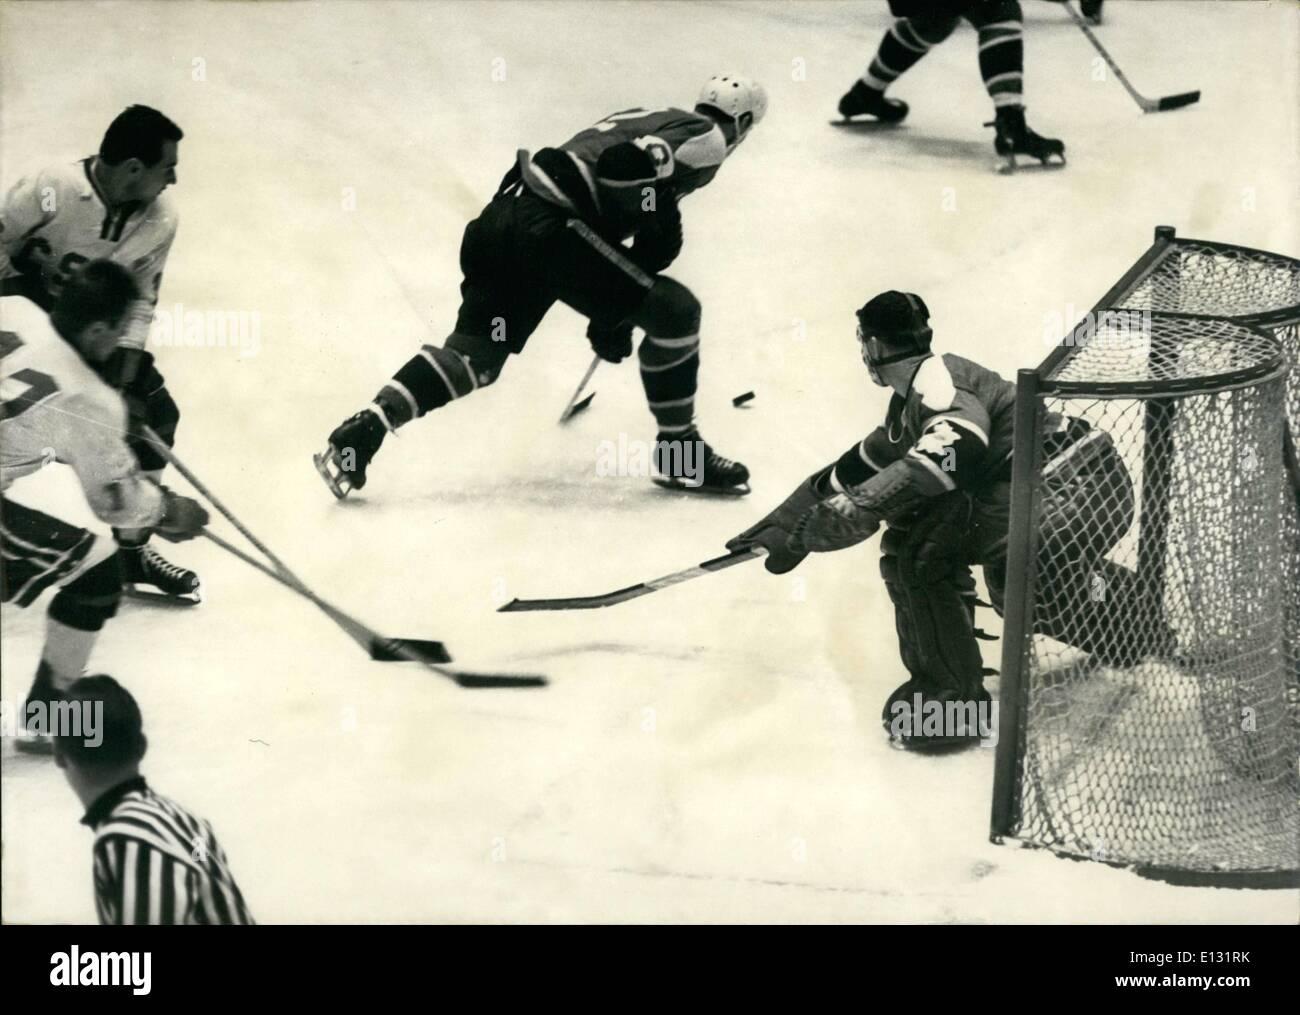 Le 26 février 2012 - Canada - CSSR. - Match de hockey sur glace 1964 Jeux Olympiques à Innsbruck en Autriche Photo Stock